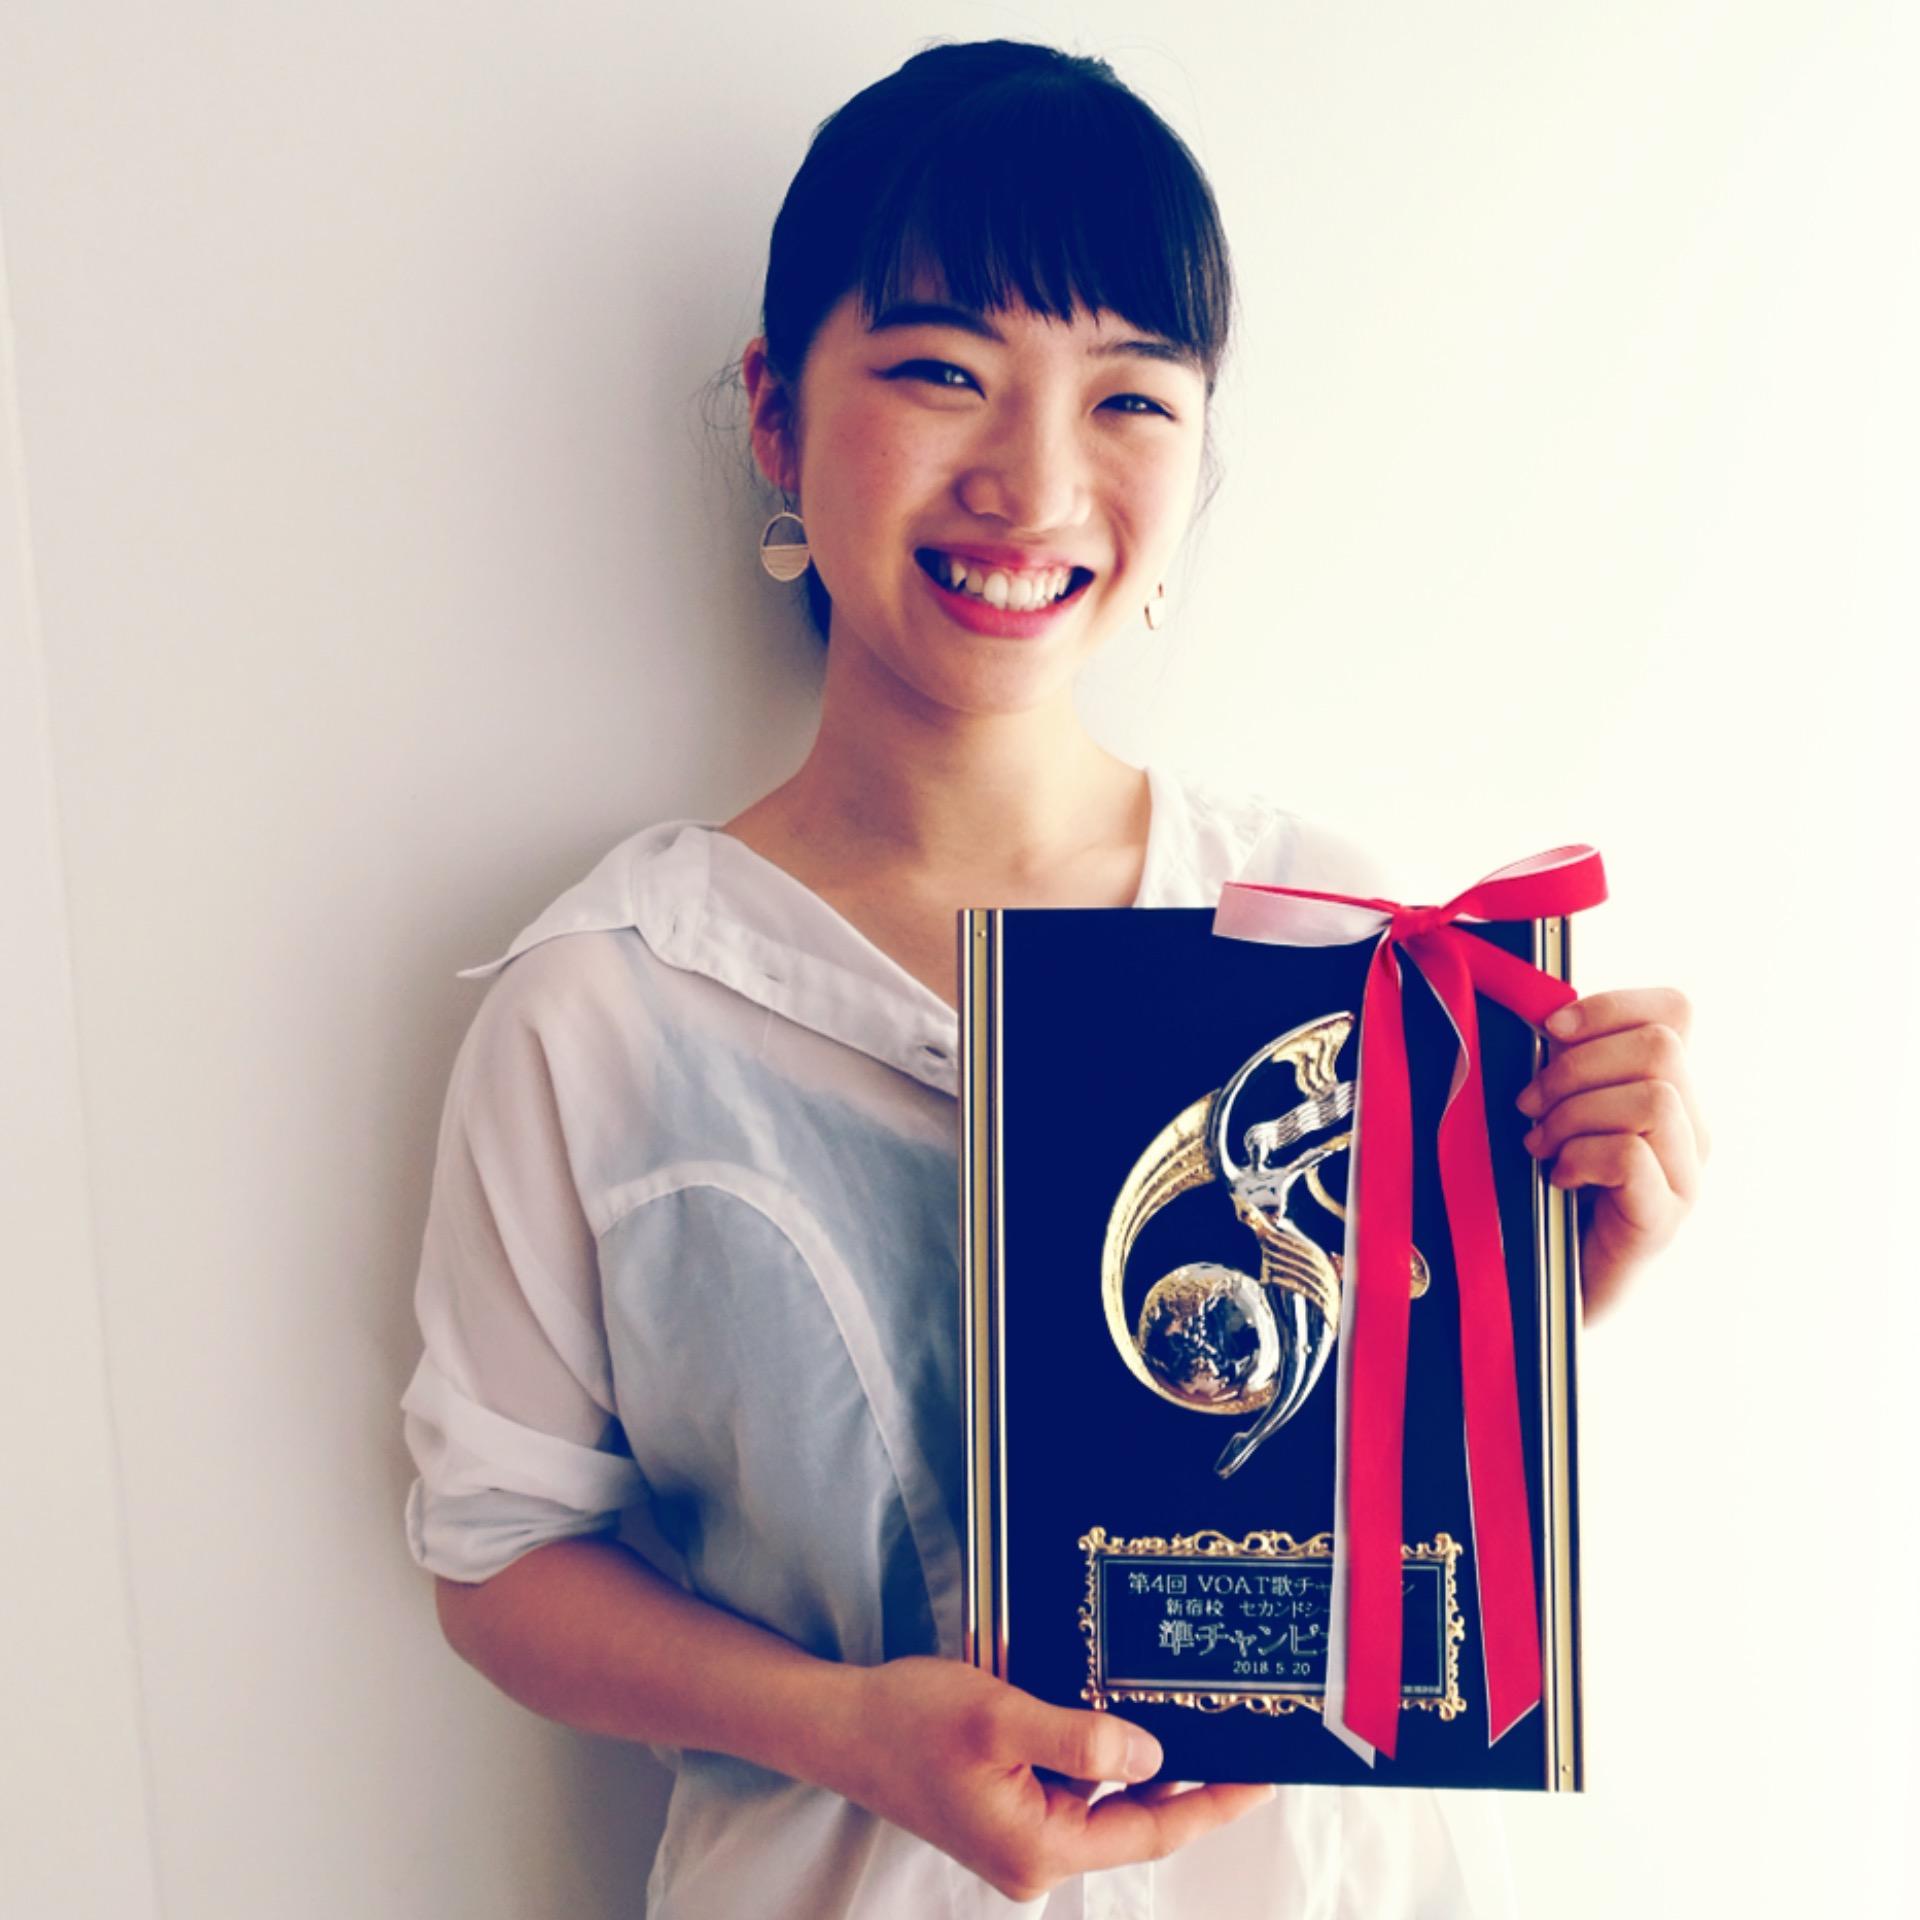 2nd準チャンピオン.jpeg